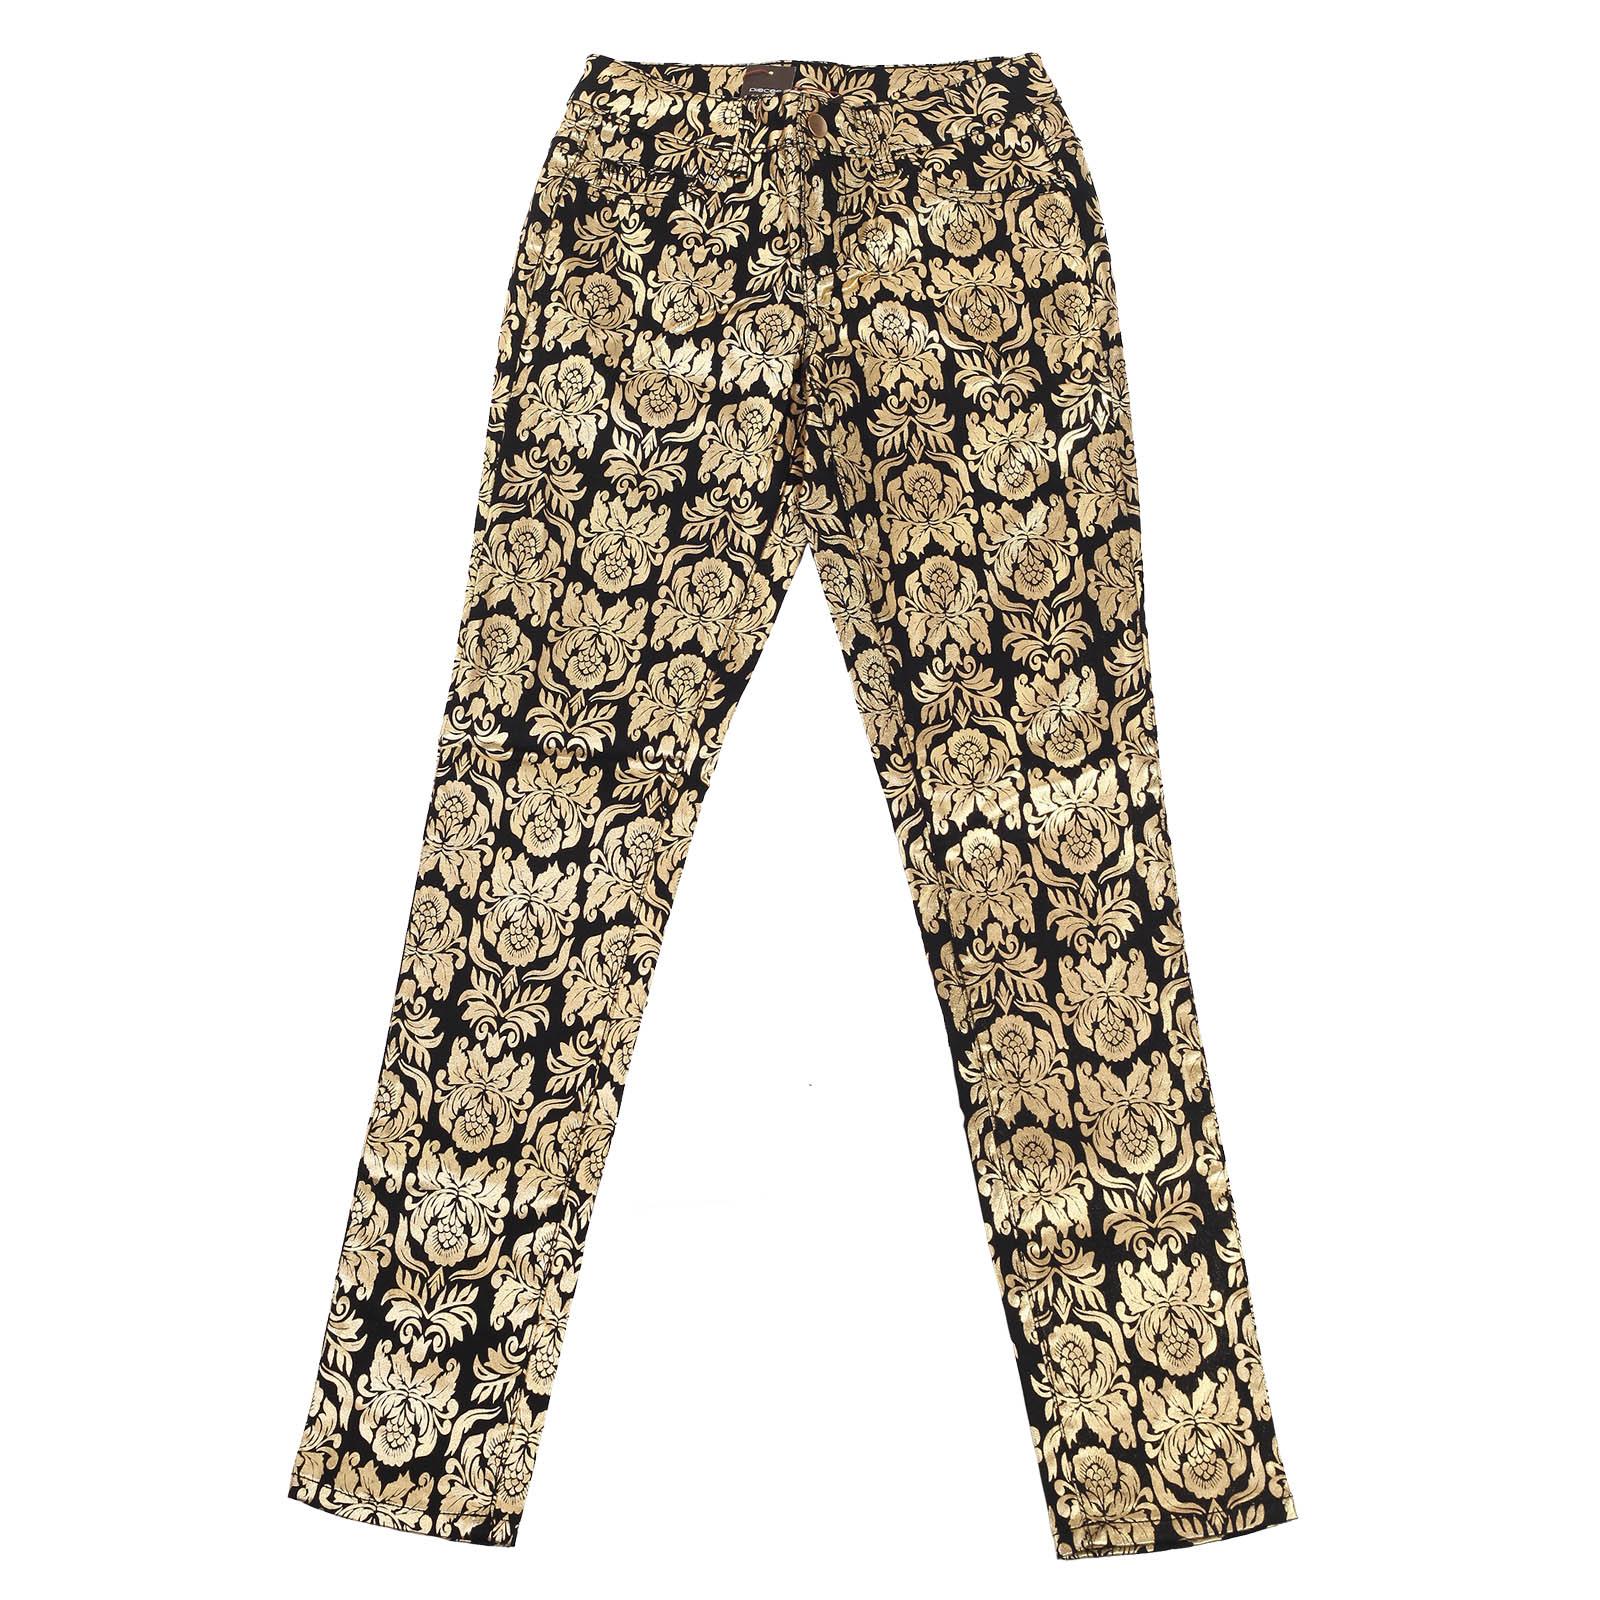 Модные женские брюки Pieces с узорами.